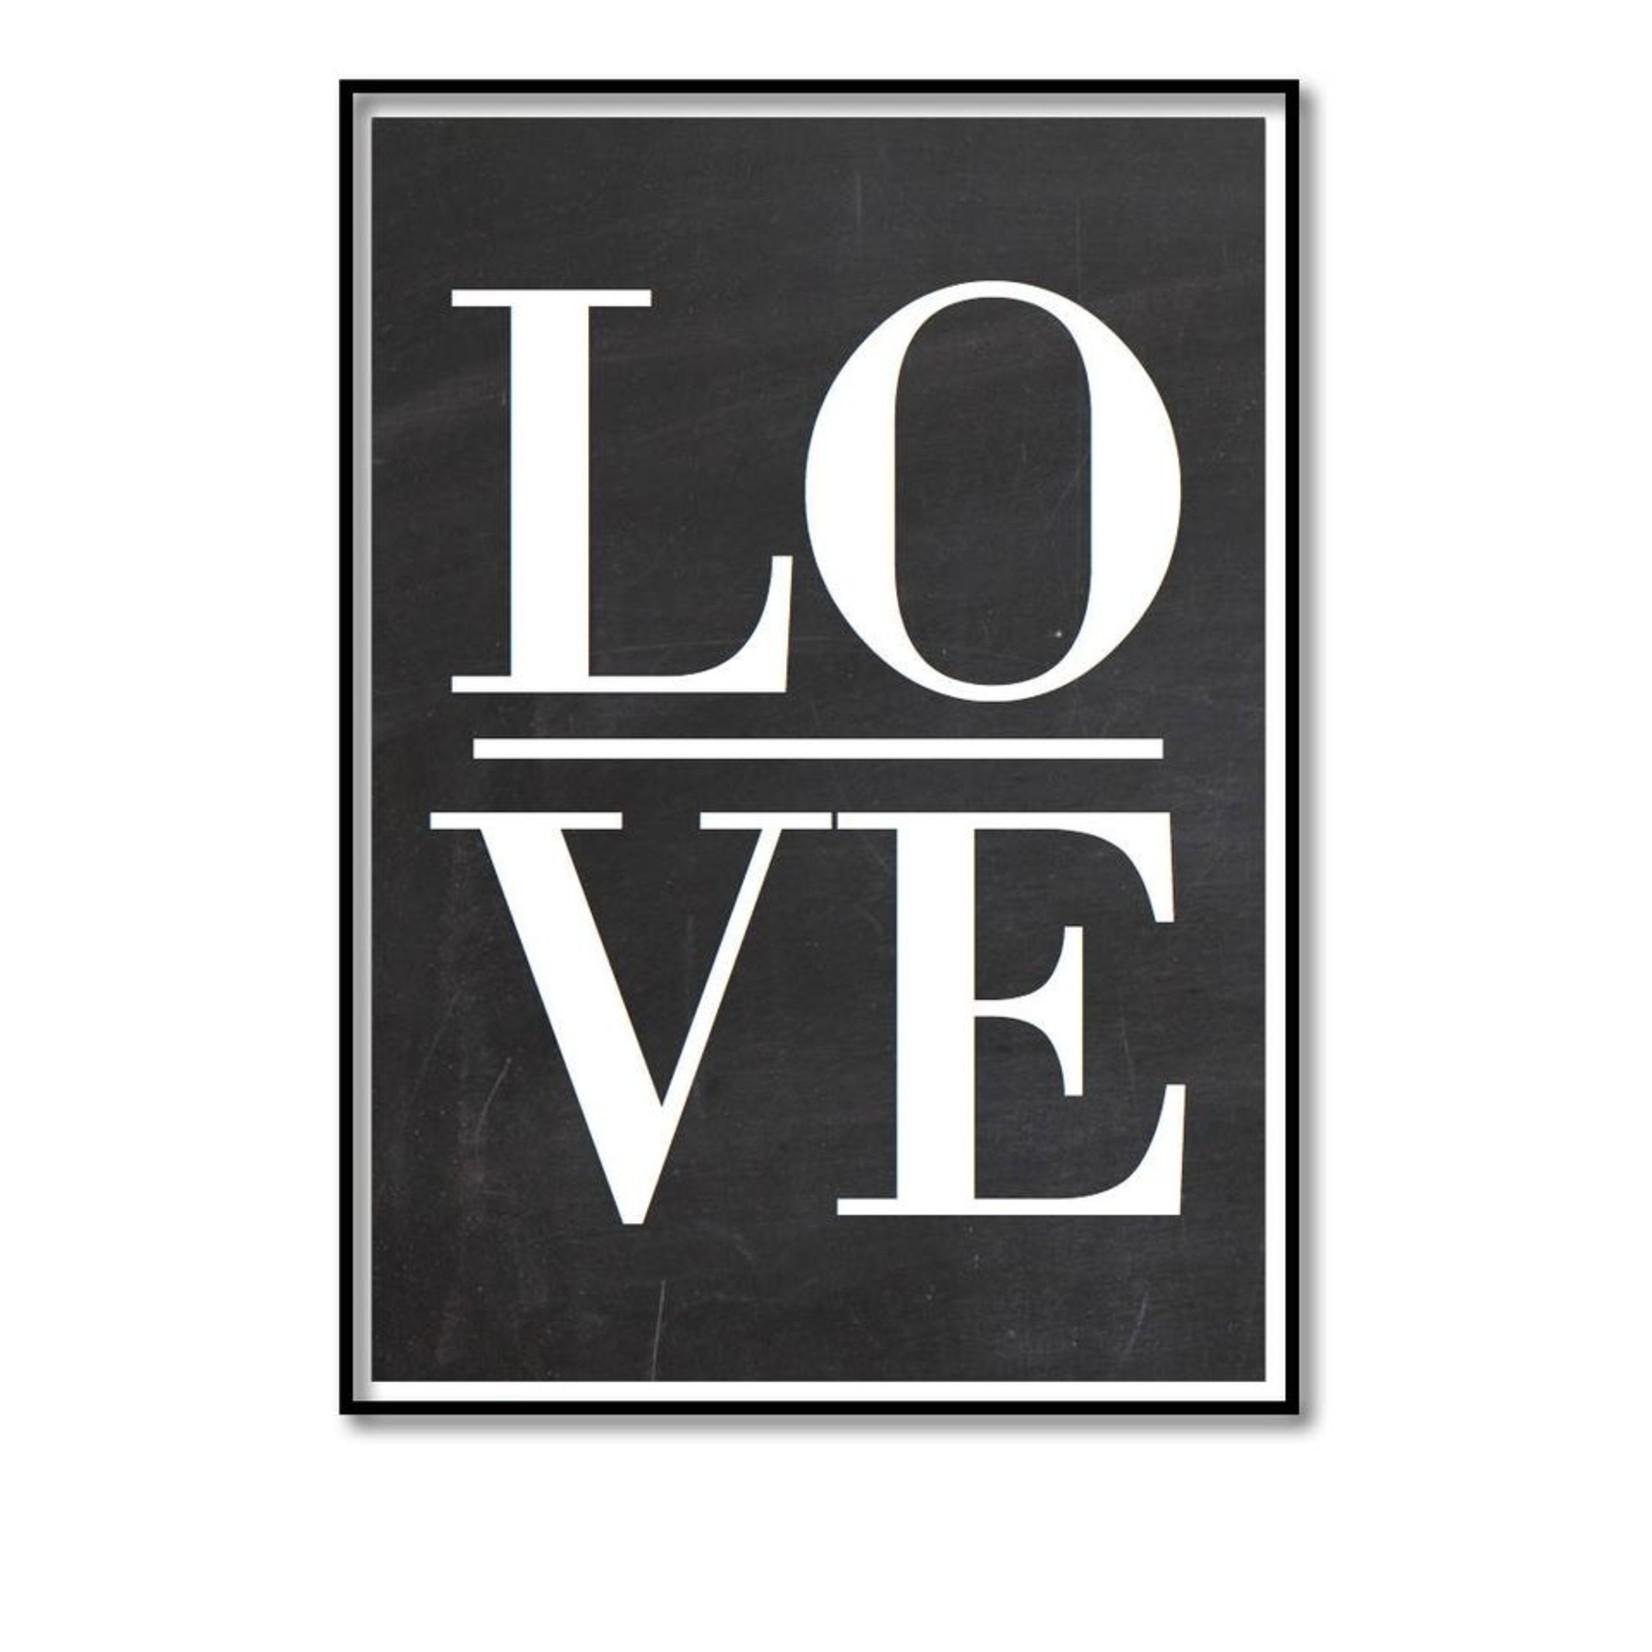 Pixelposter - Love (A5)